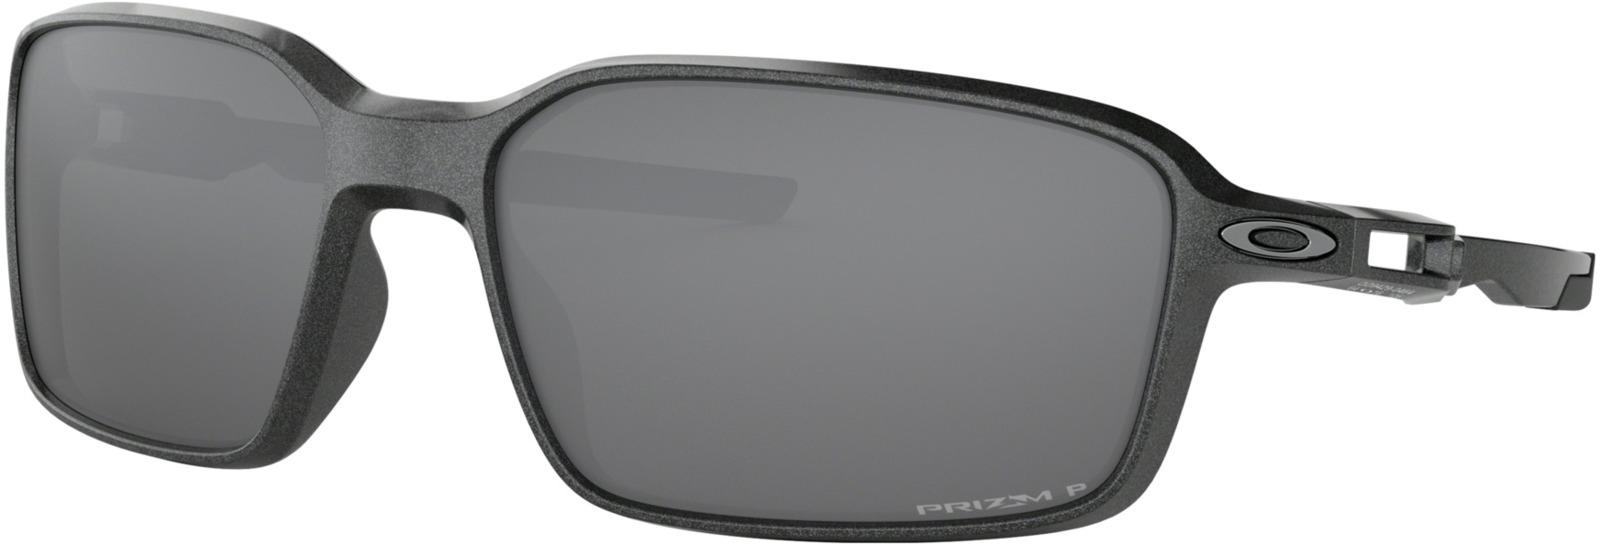 Велосипедные очки Oakley Siphon, цвет: серый, черный